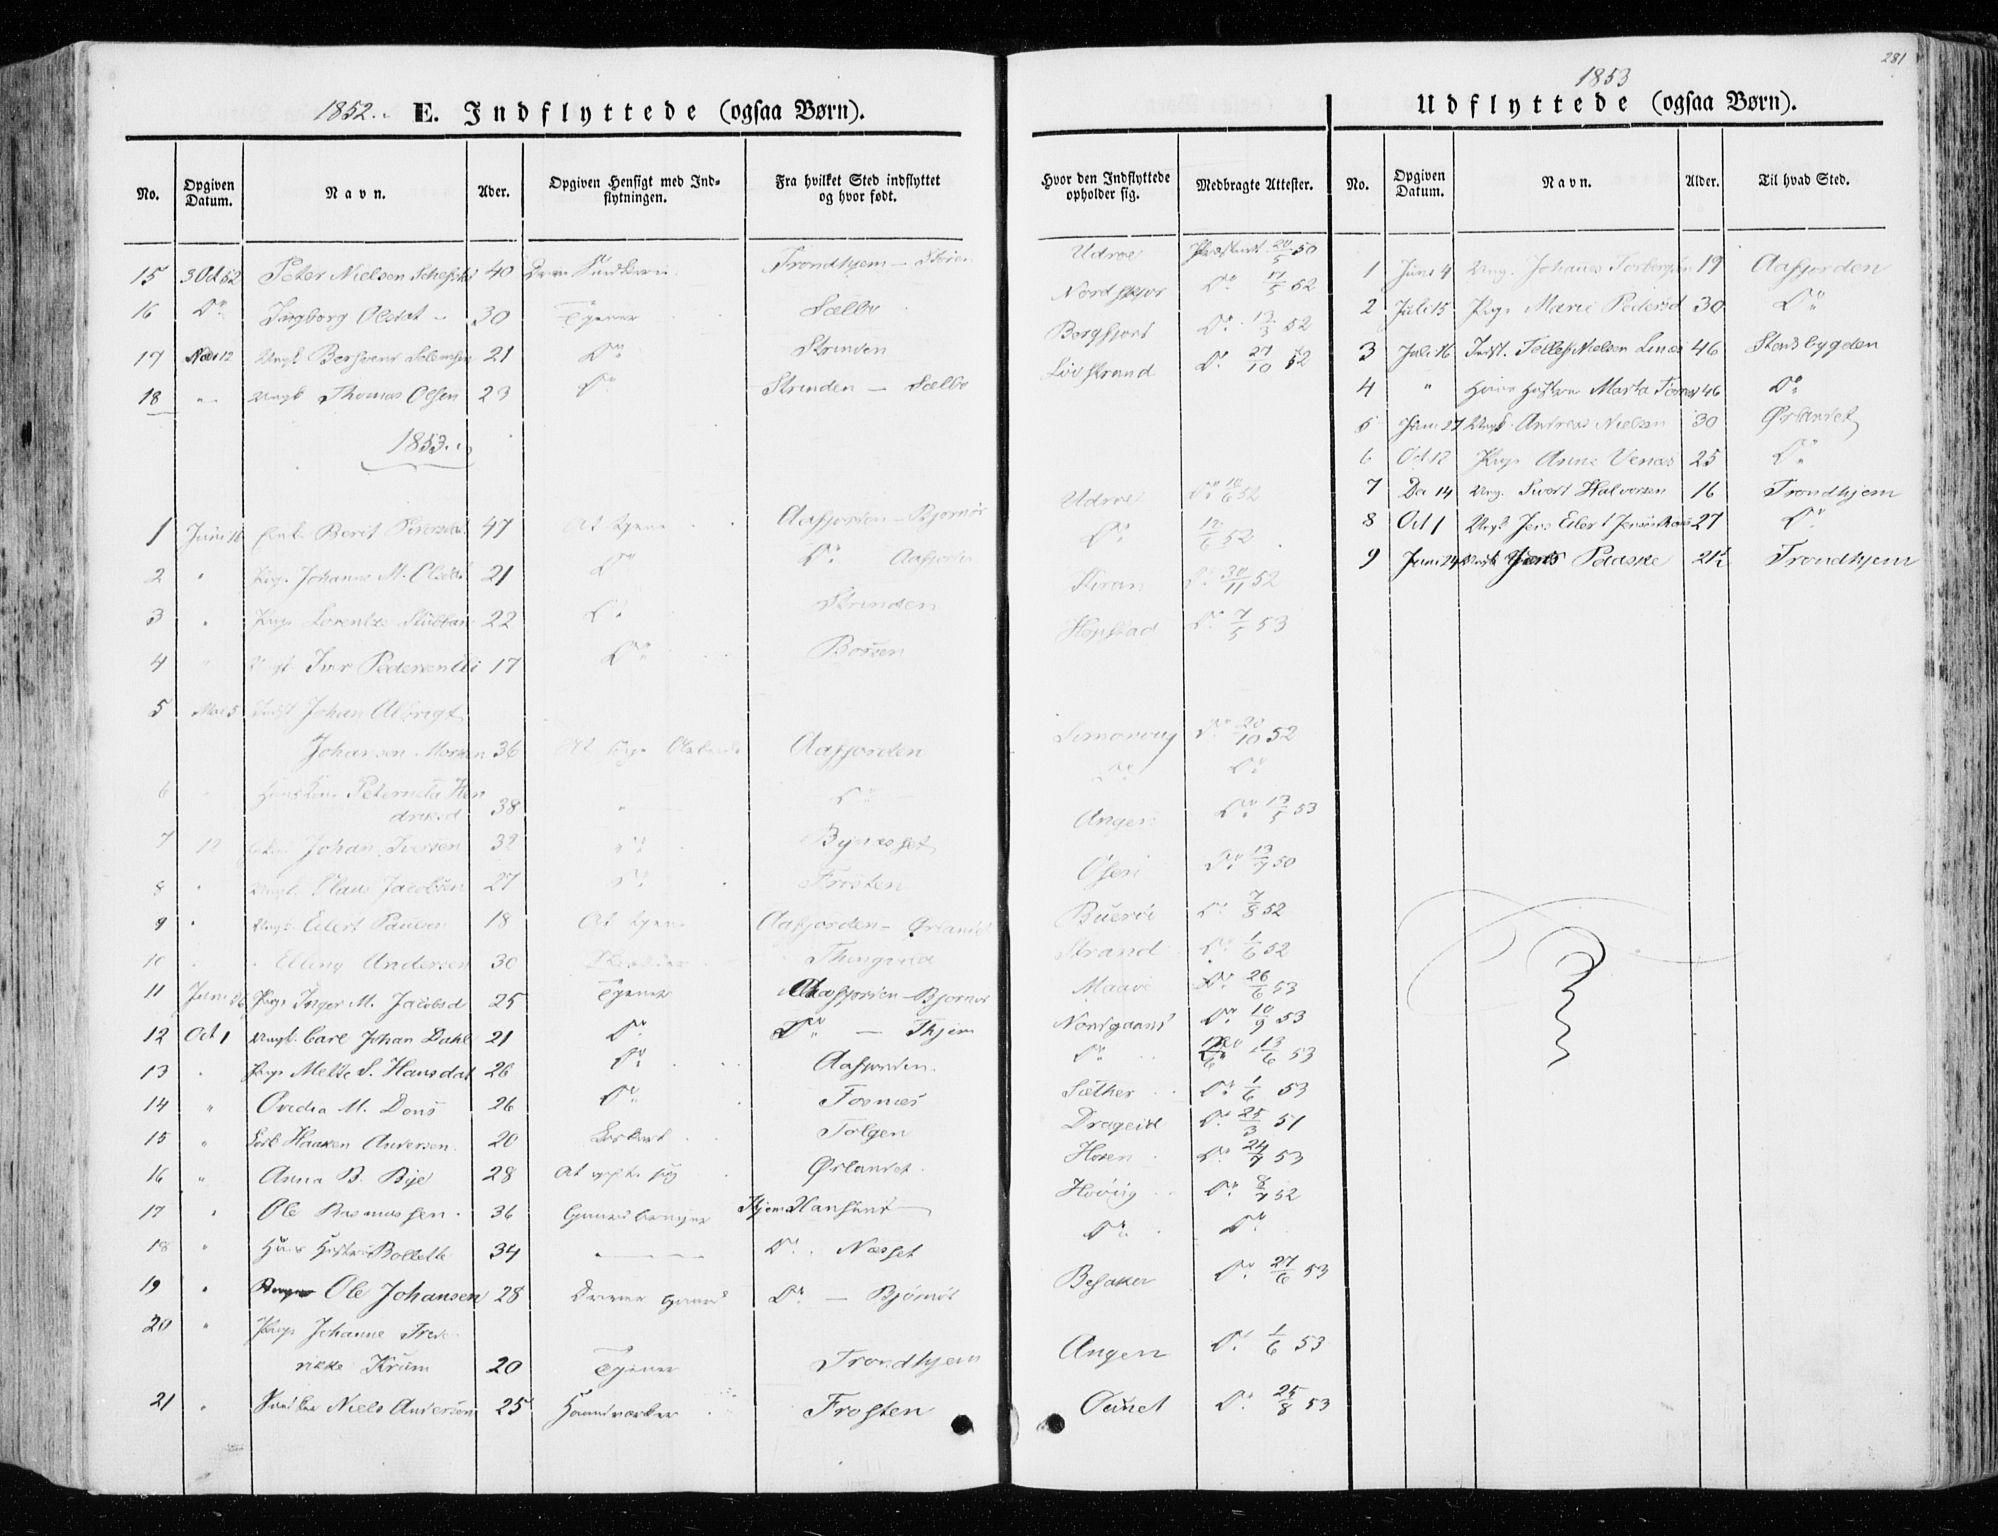 SAT, Ministerialprotokoller, klokkerbøker og fødselsregistre - Sør-Trøndelag, 657/L0704: Ministerialbok nr. 657A05, 1846-1857, s. 281